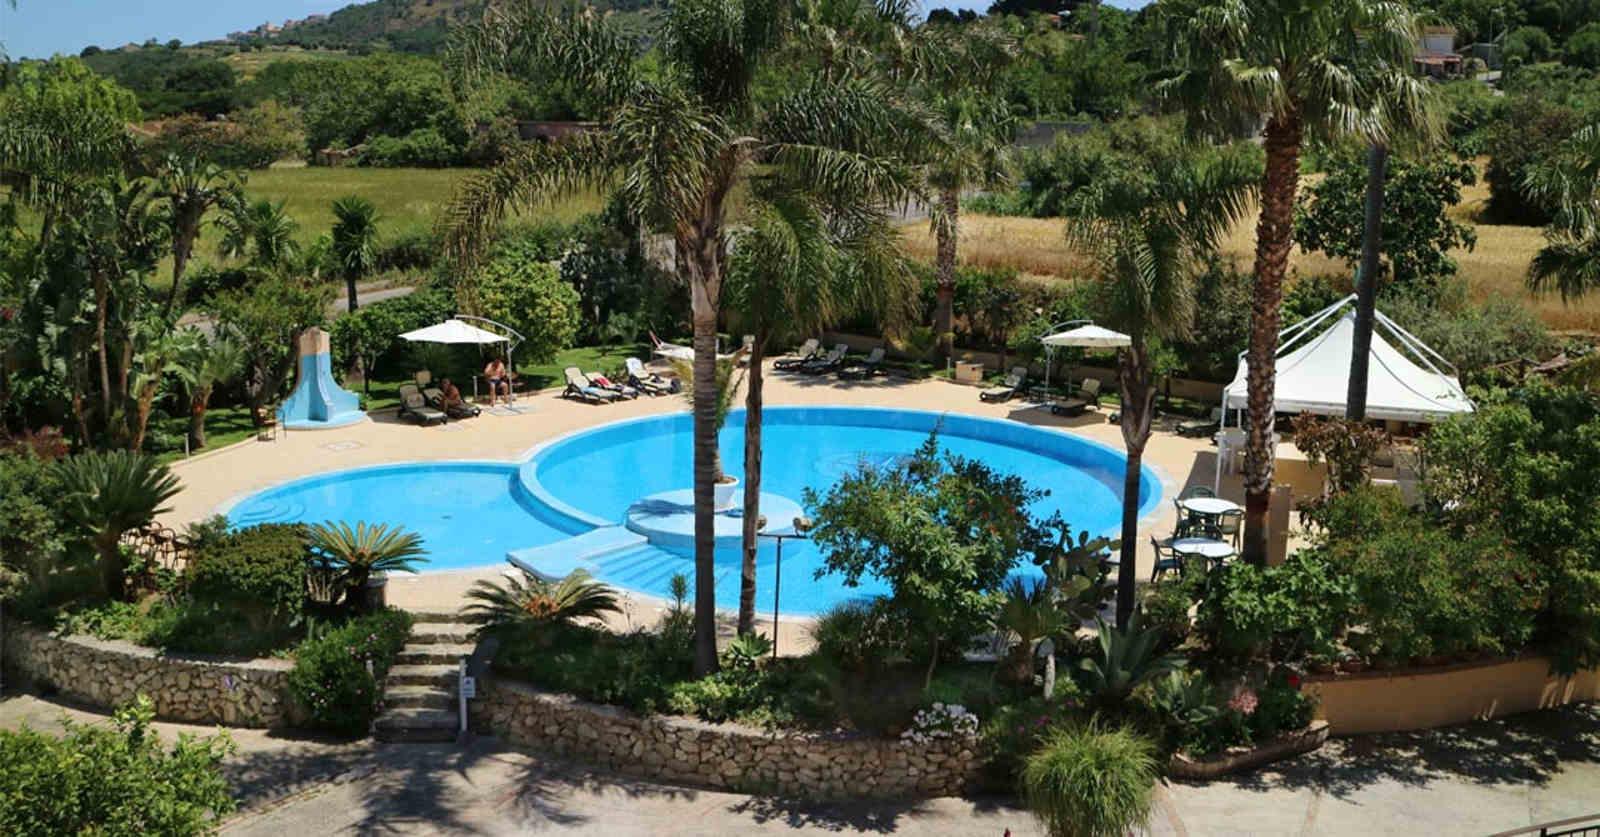 piscina dell'hotel La bussola a Capo Vaticano